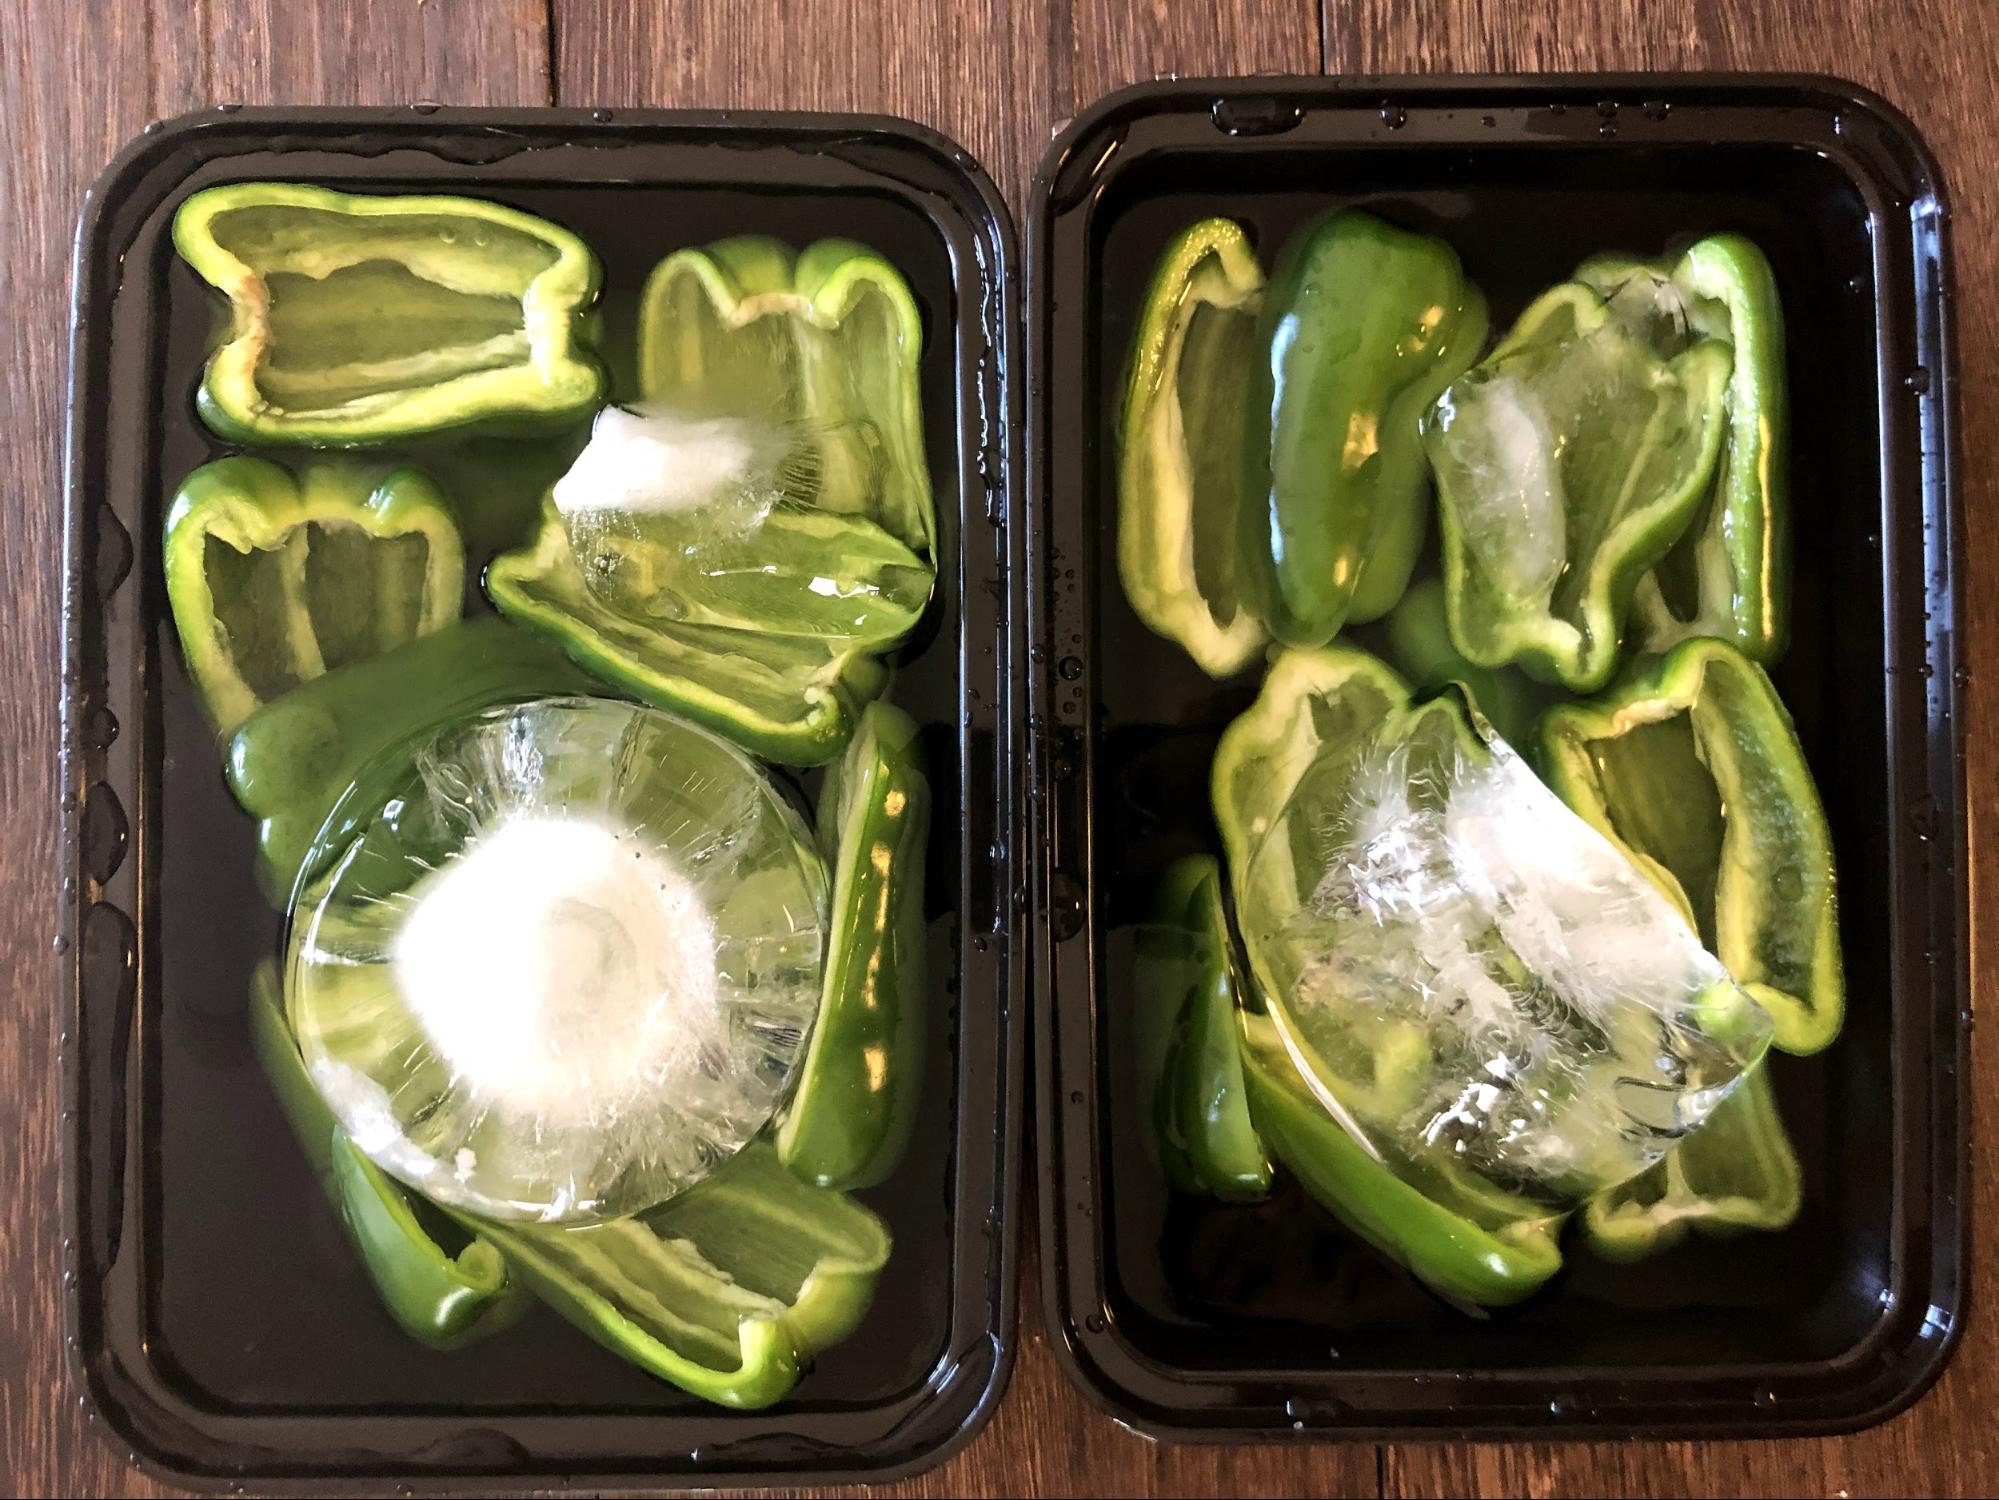 清潔なタッパーに、ピーマン、水、氷を入れ、冷蔵庫へ